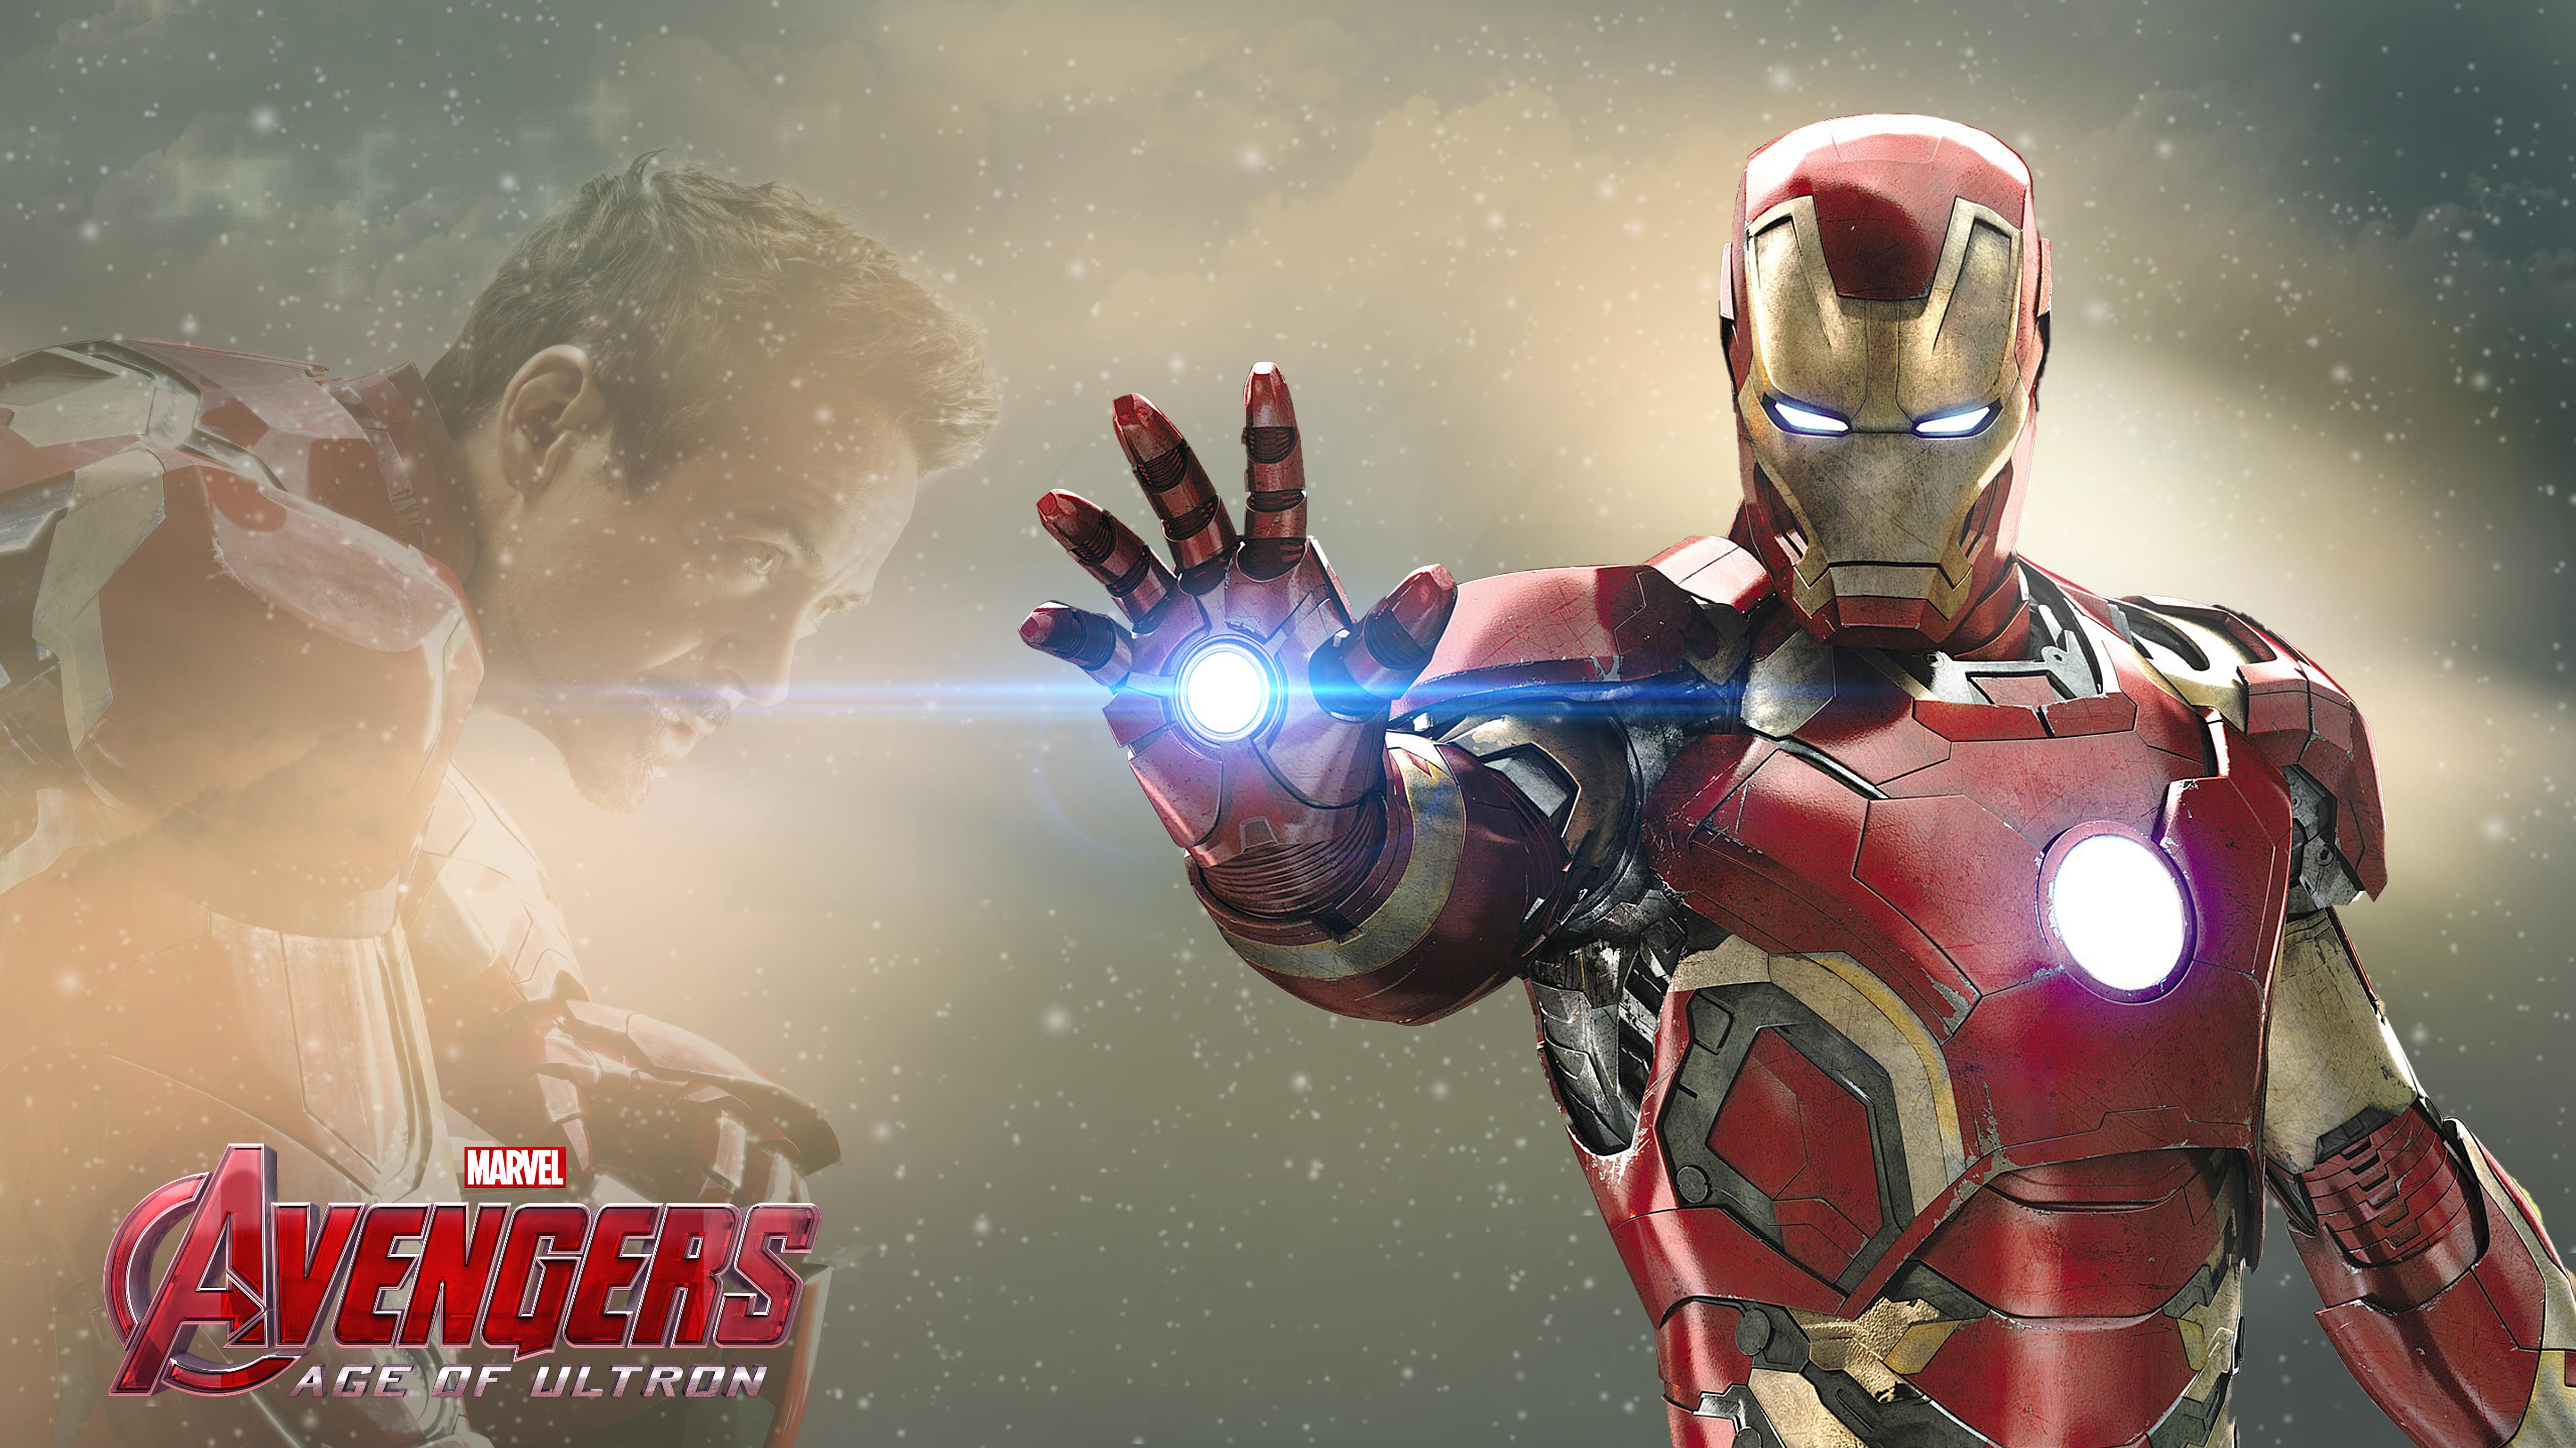 Avengers Age Of Ultron Wallpaper 15 Wallpapersbq